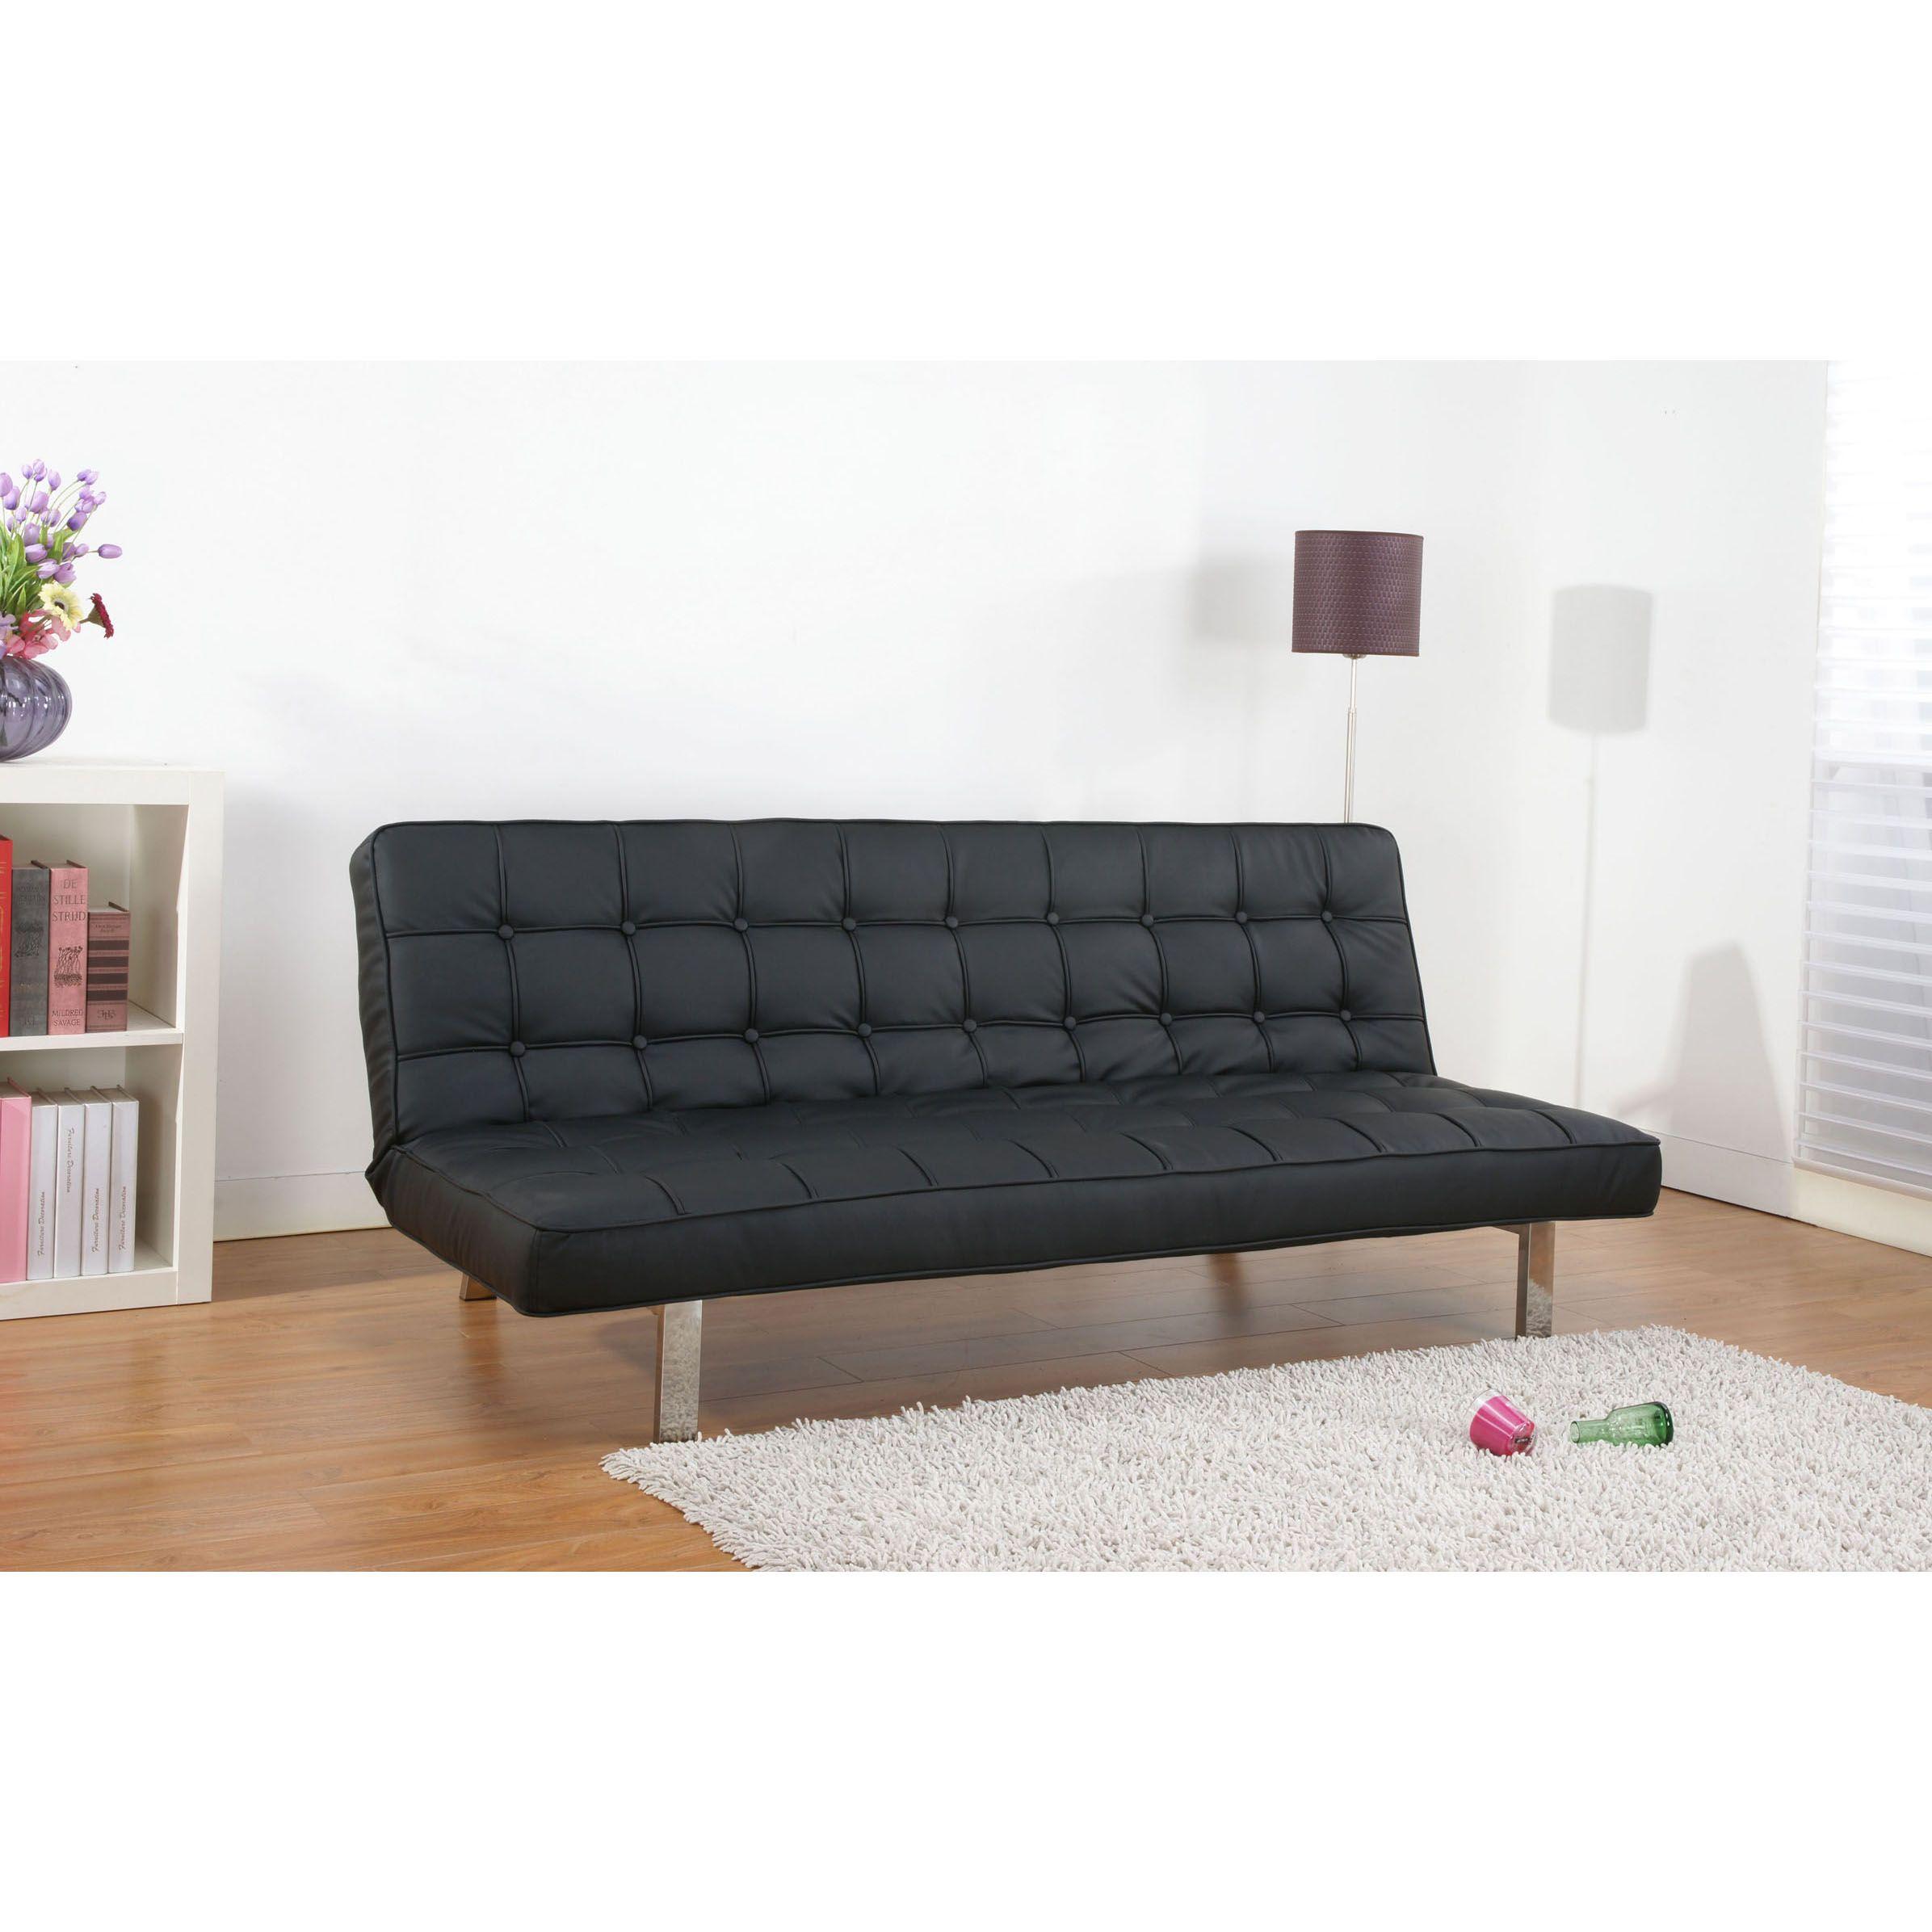 Gold Sparrow Vegas Black Futon Sofa Bed